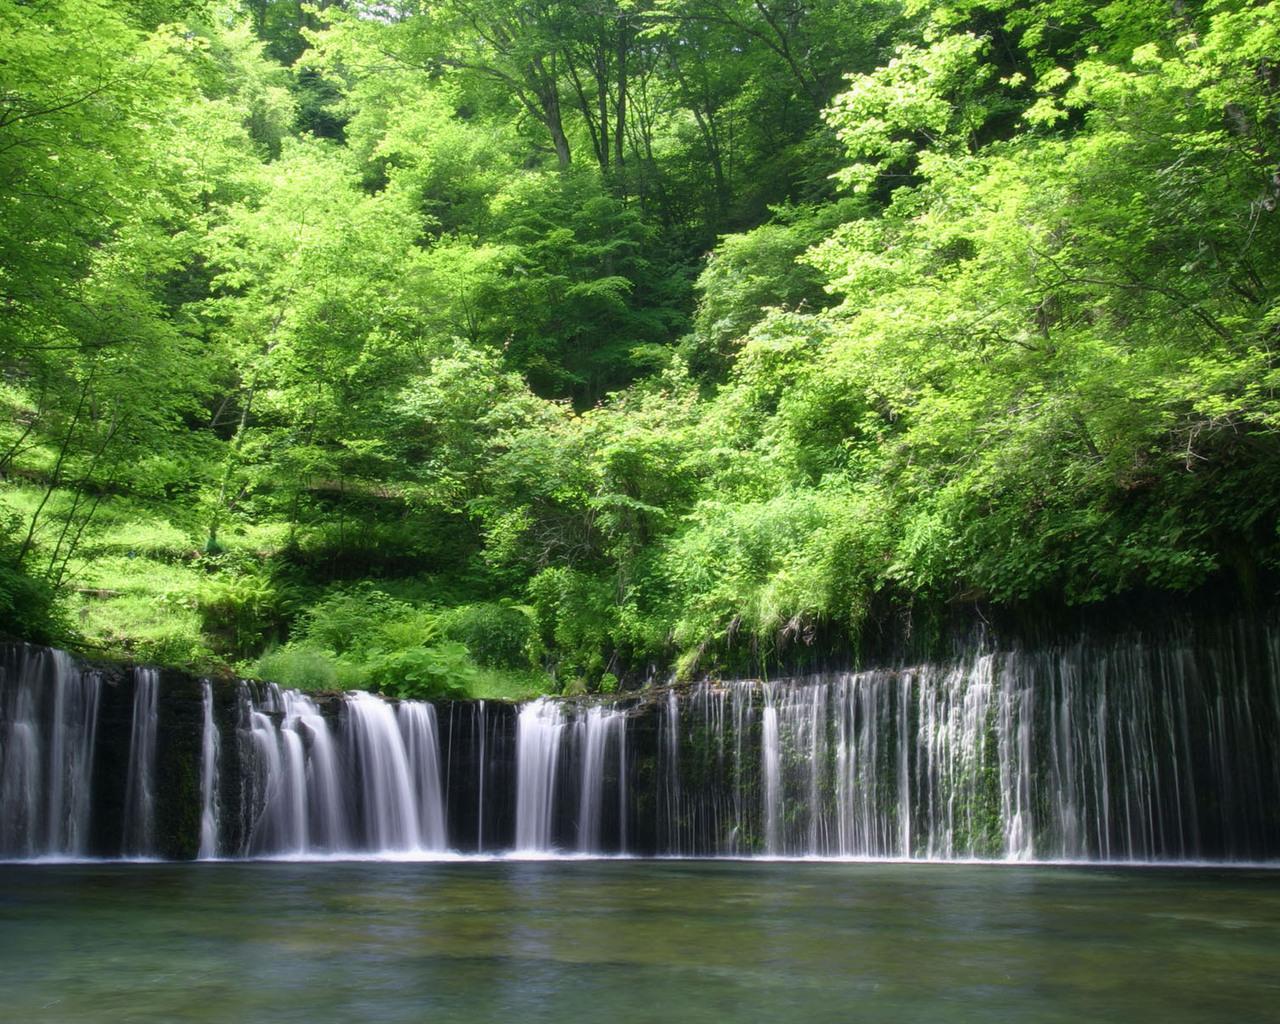 15427 descargar fondo de pantalla Paisaje, Agua, Árboles, Cascadas: protectores de pantalla e imágenes gratis